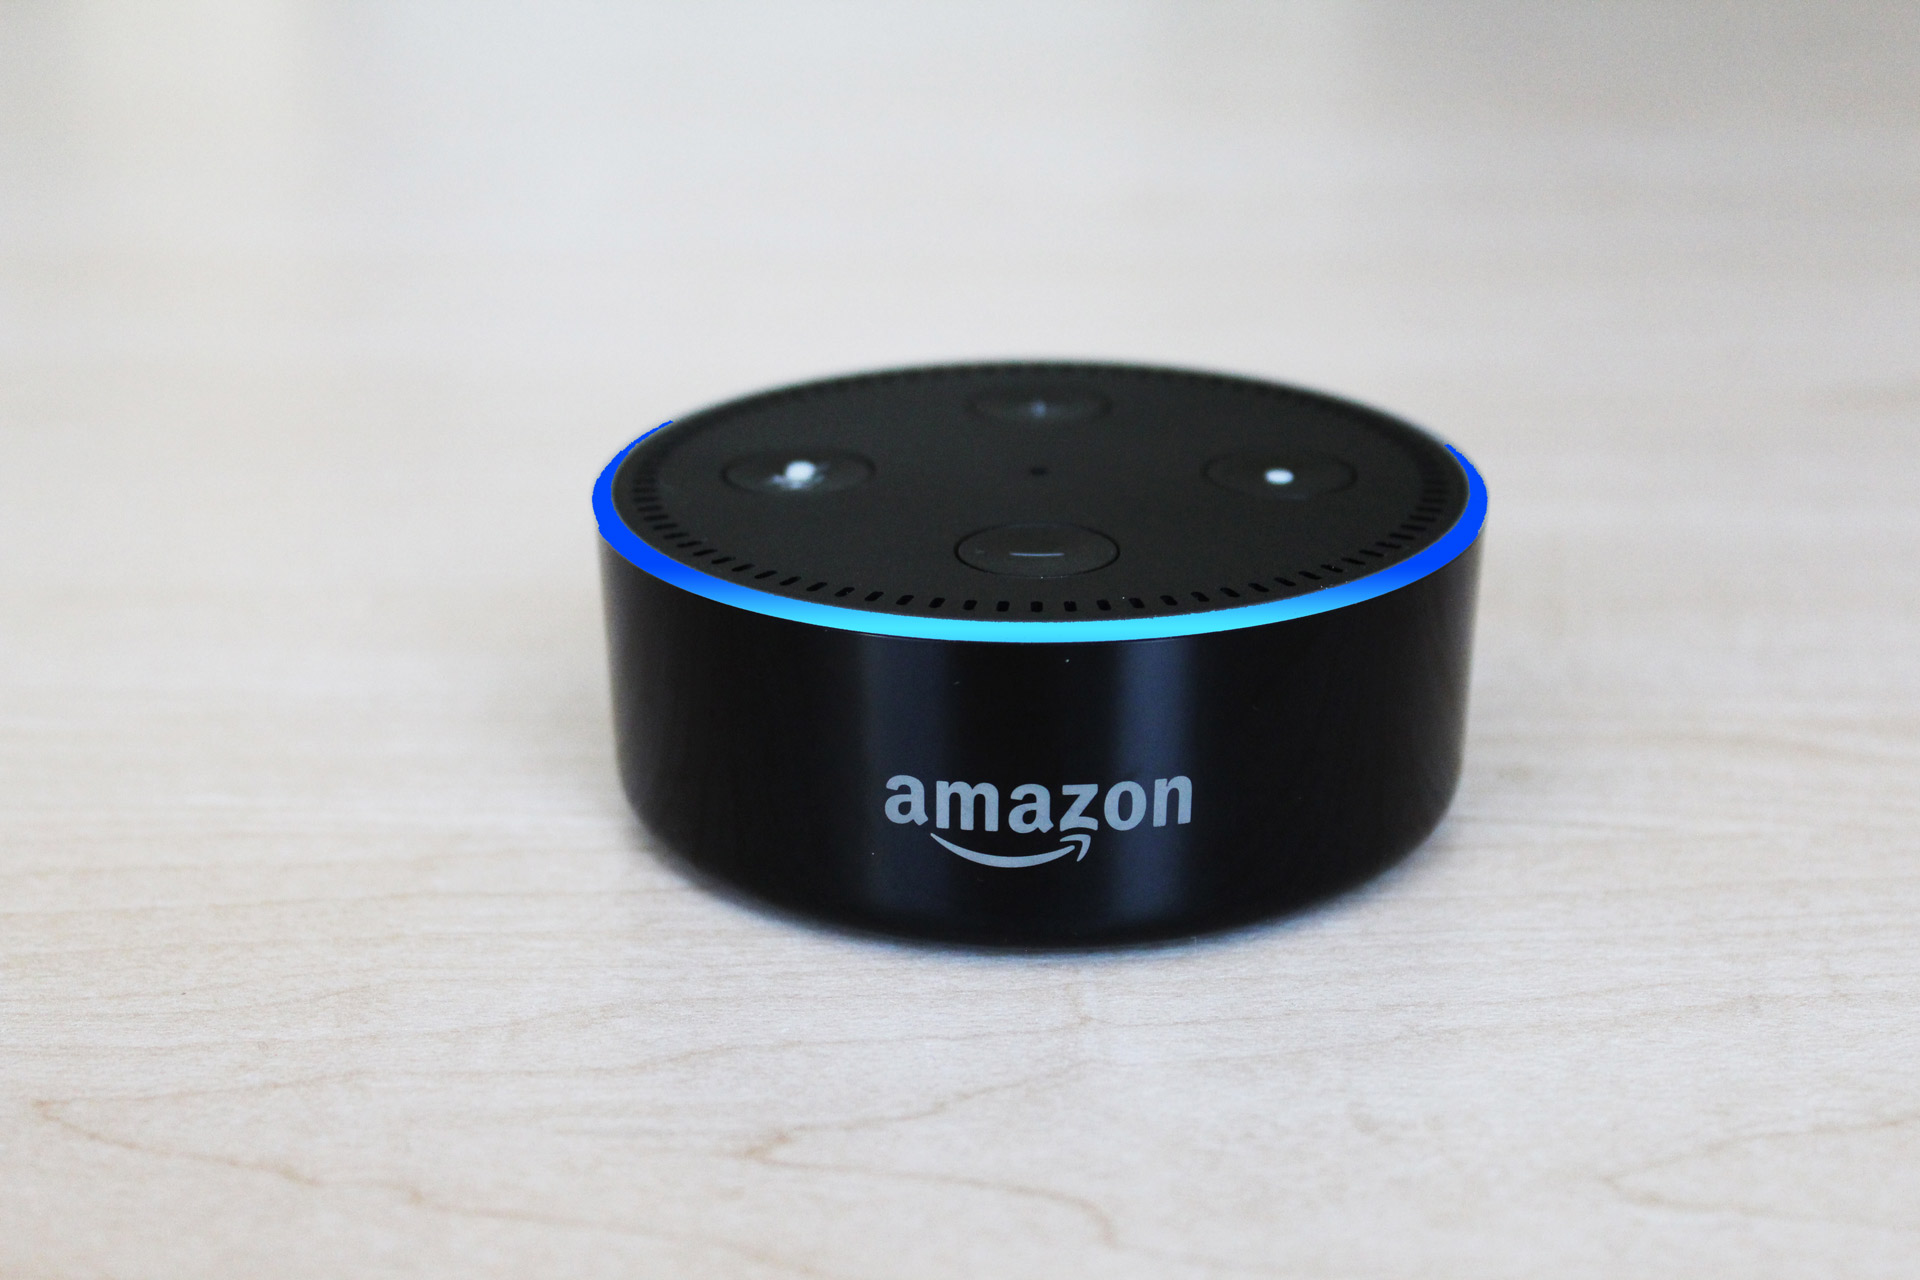 Amazon-Echo-Alexa_2